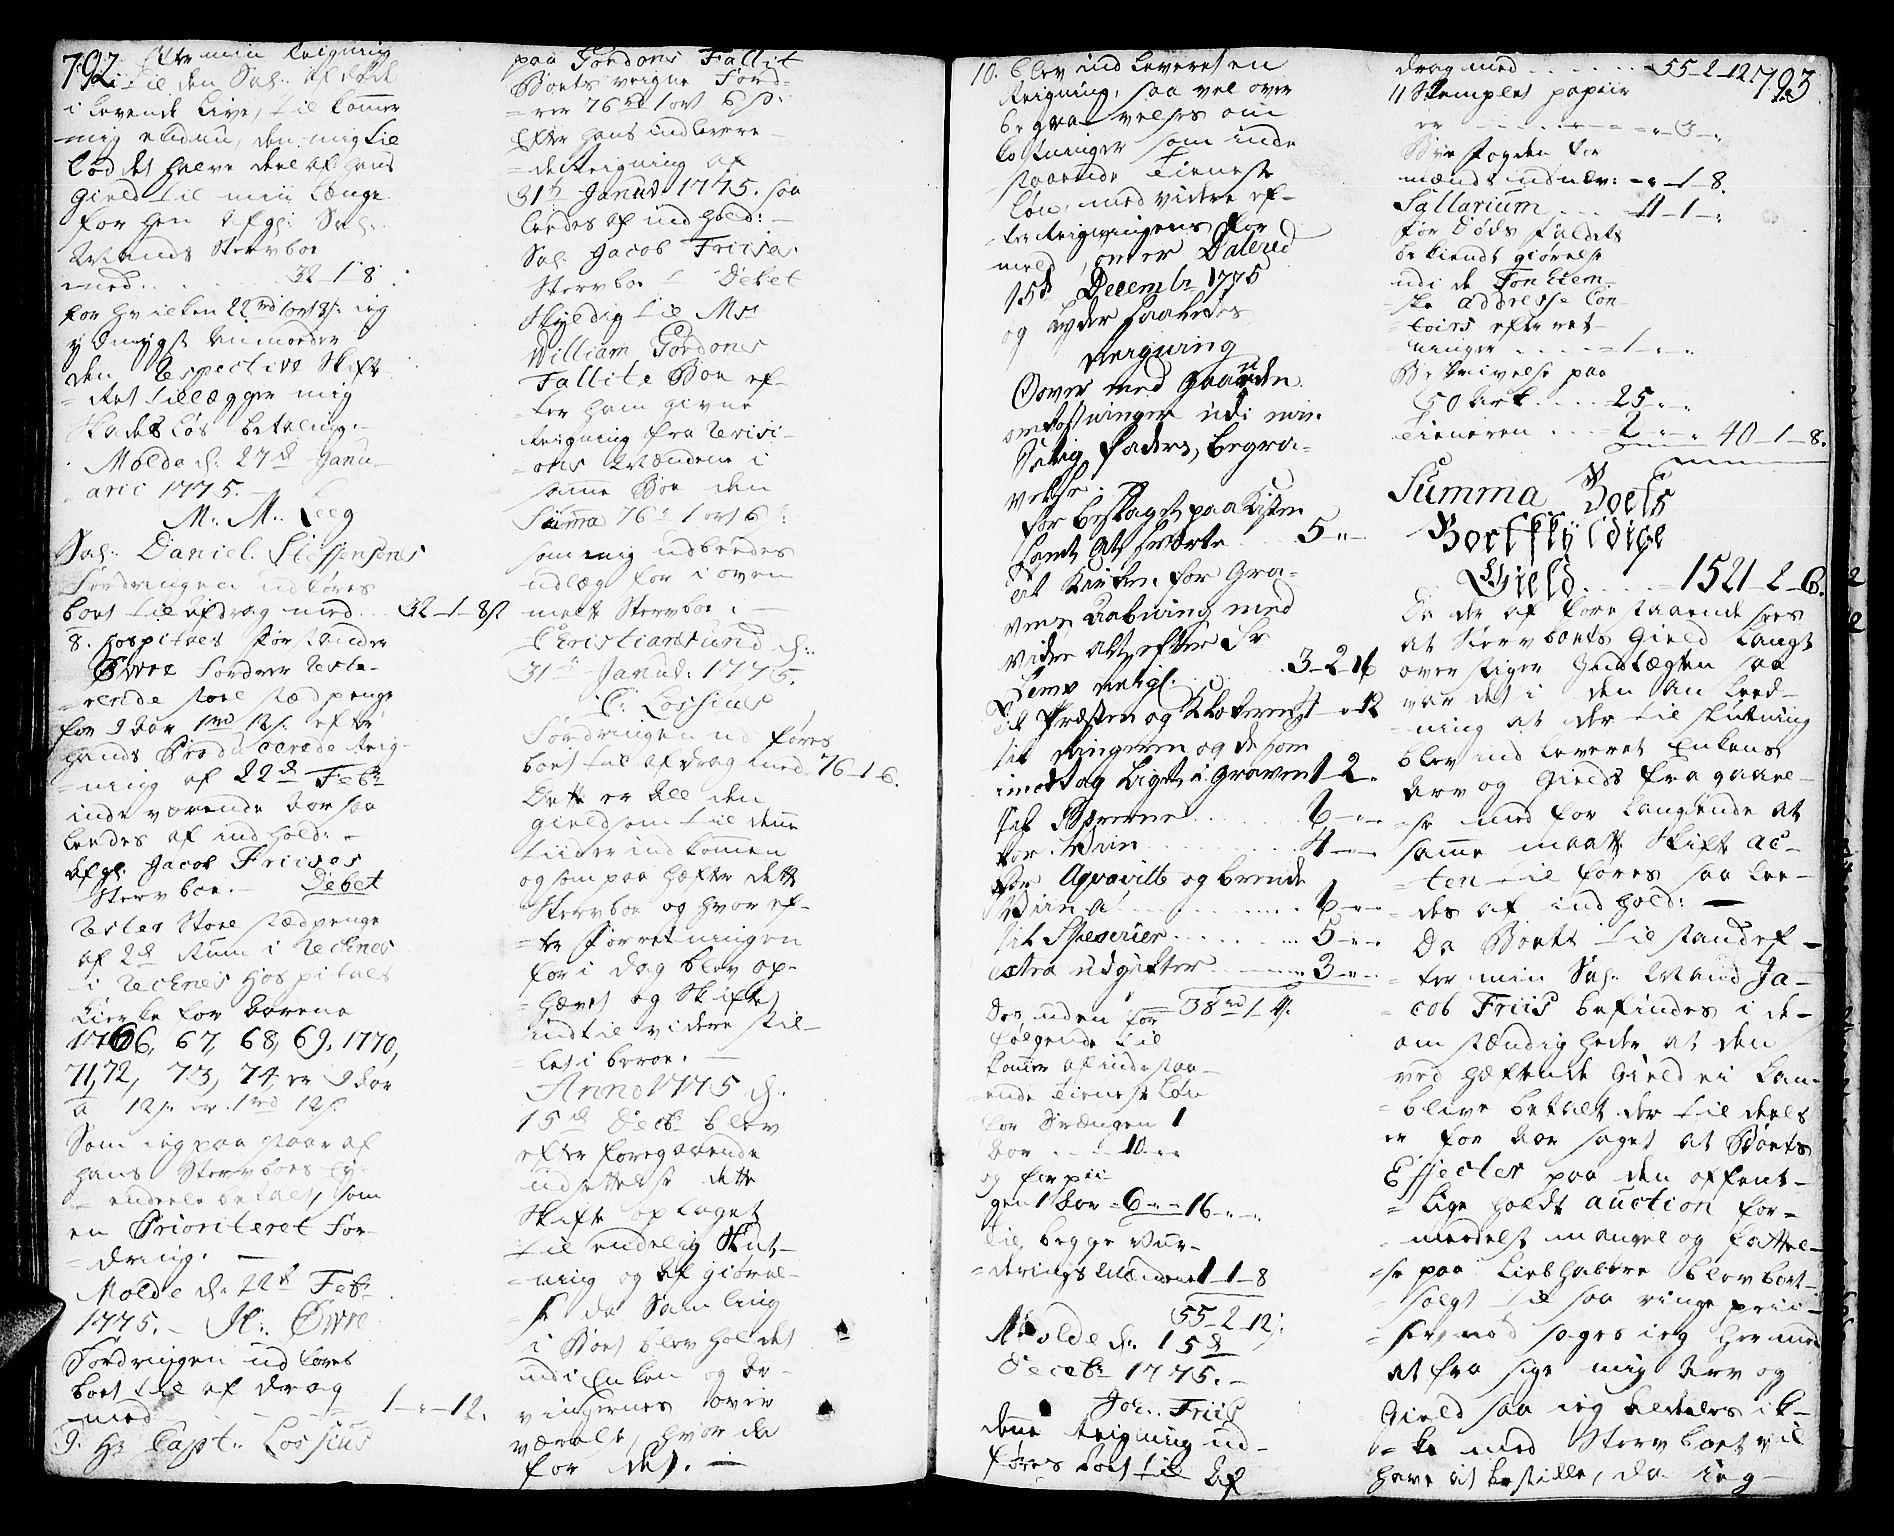 SAT, Molde byfogd, 3/3Aa/L0002: Skifteprotokoll, 1768-1787, p. 792-793